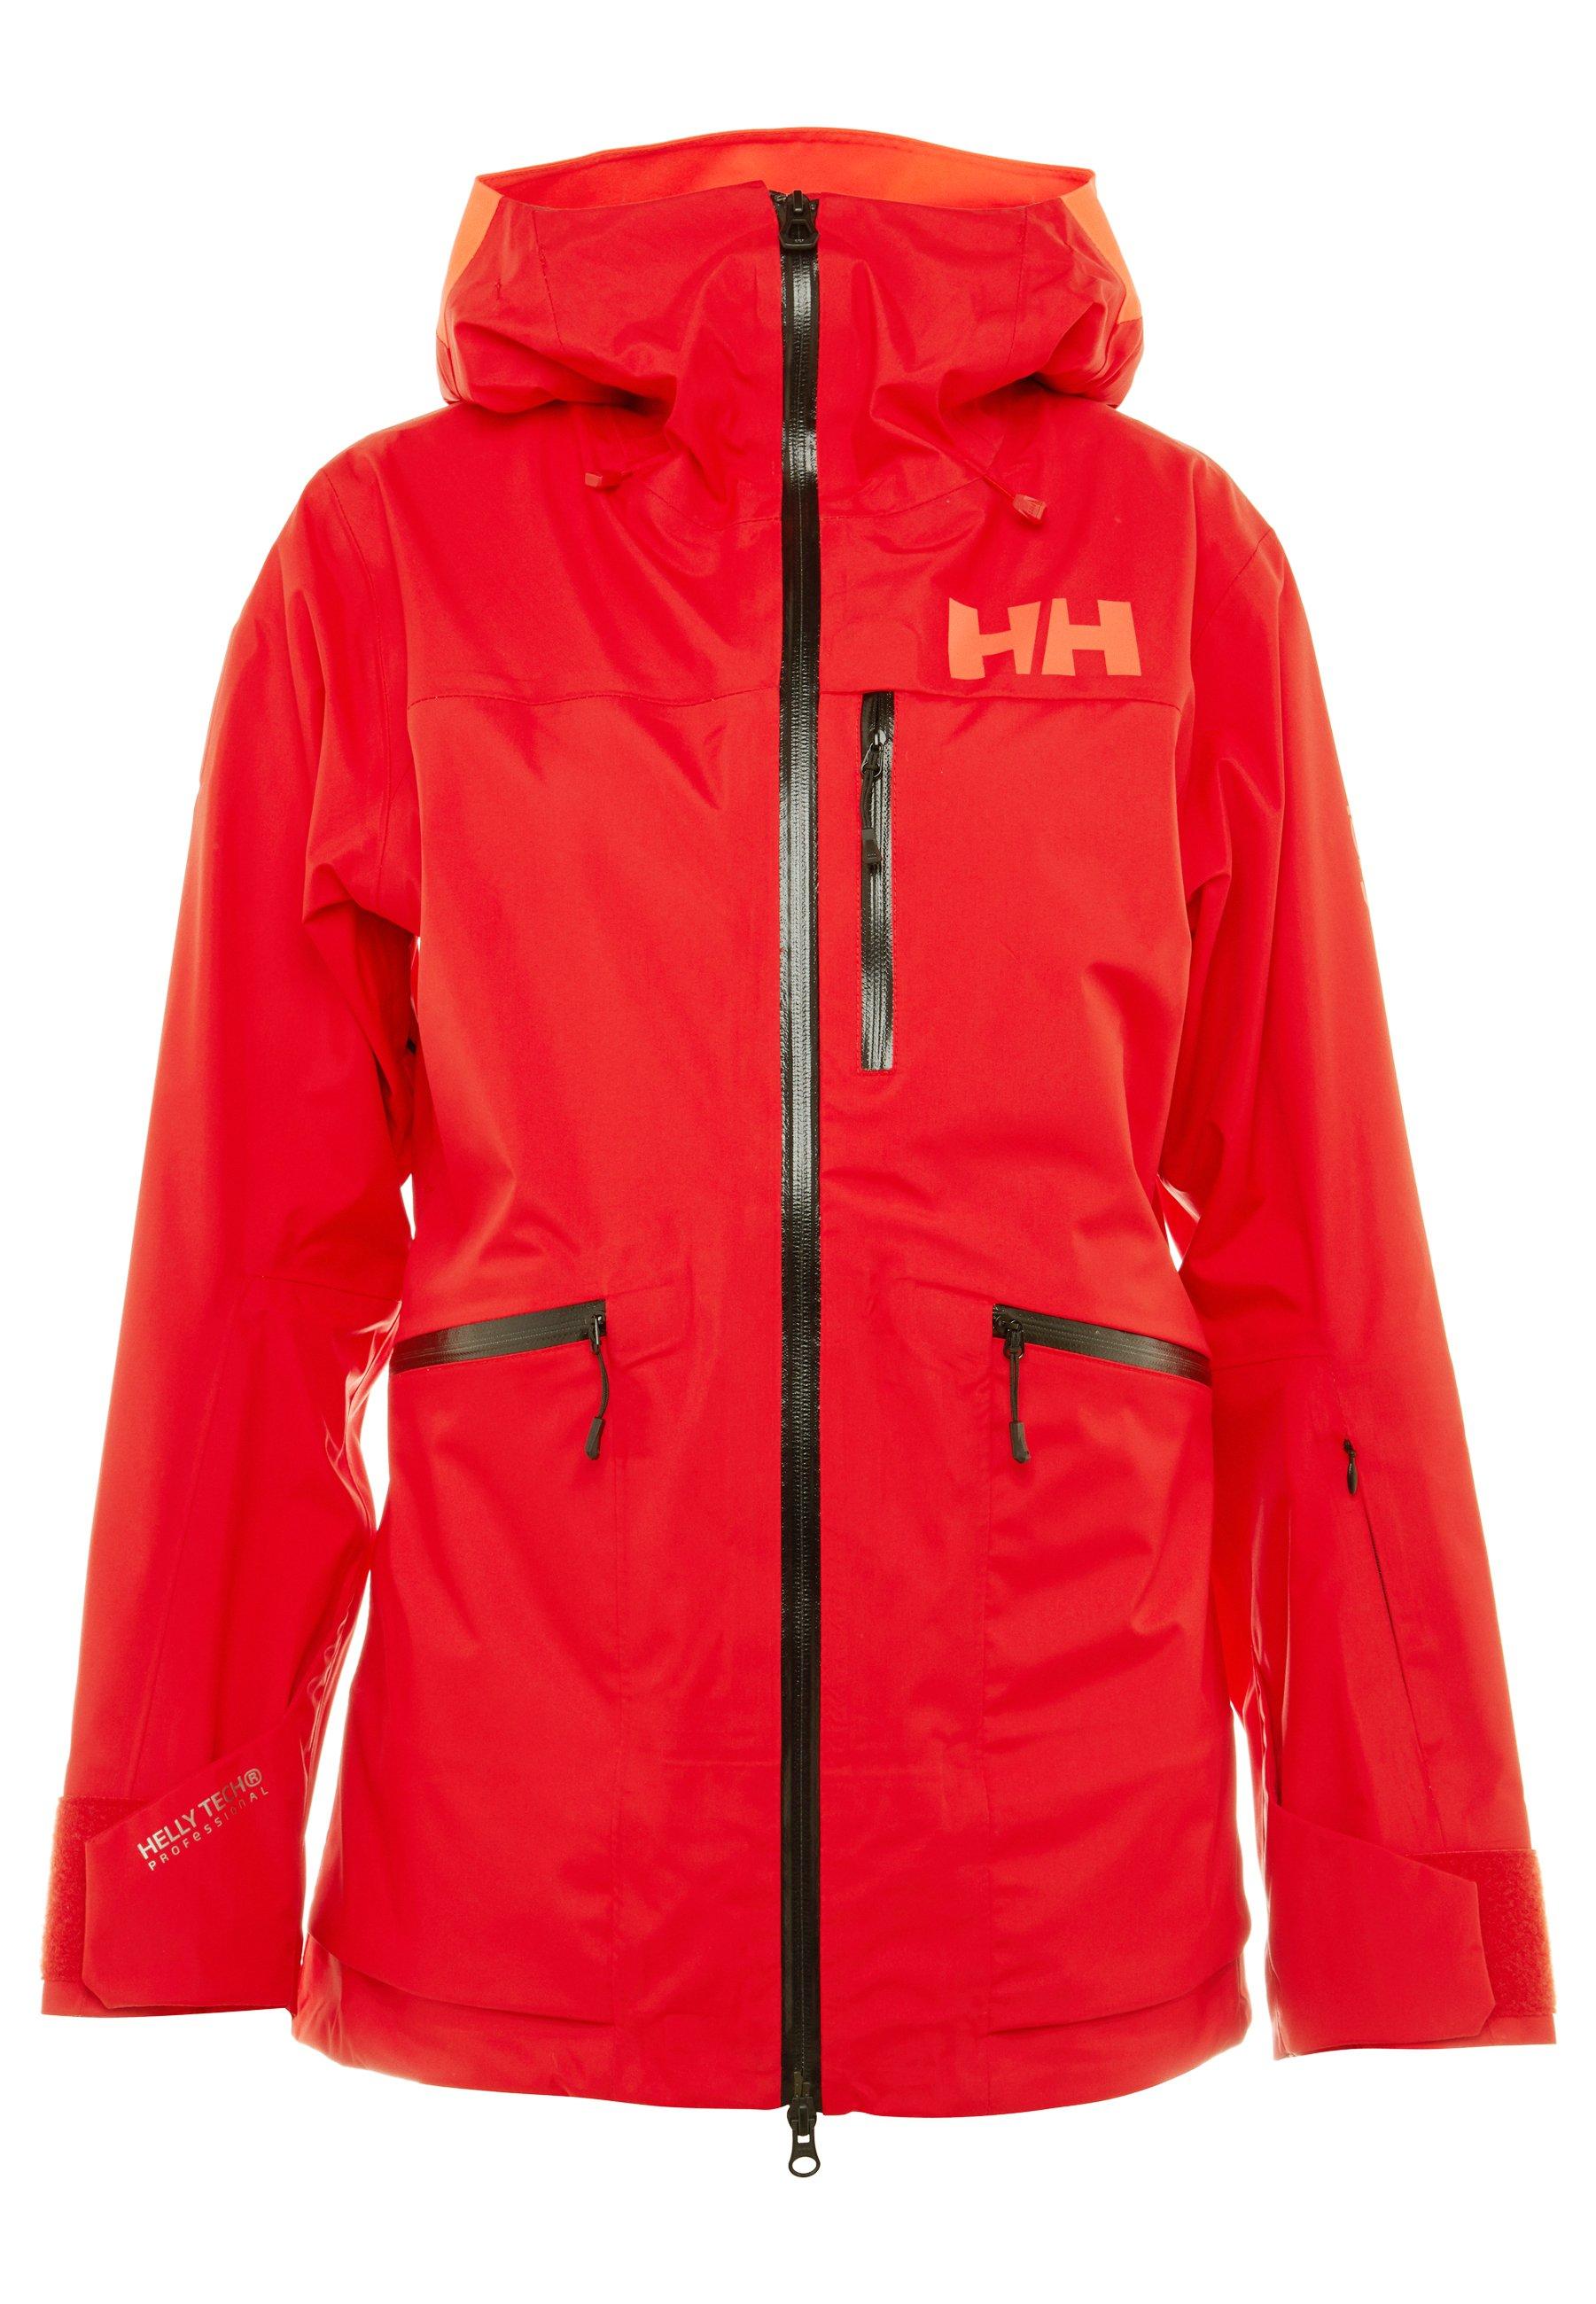 Helly Hansen Kvitegga Shell Jacket, Dame, blå